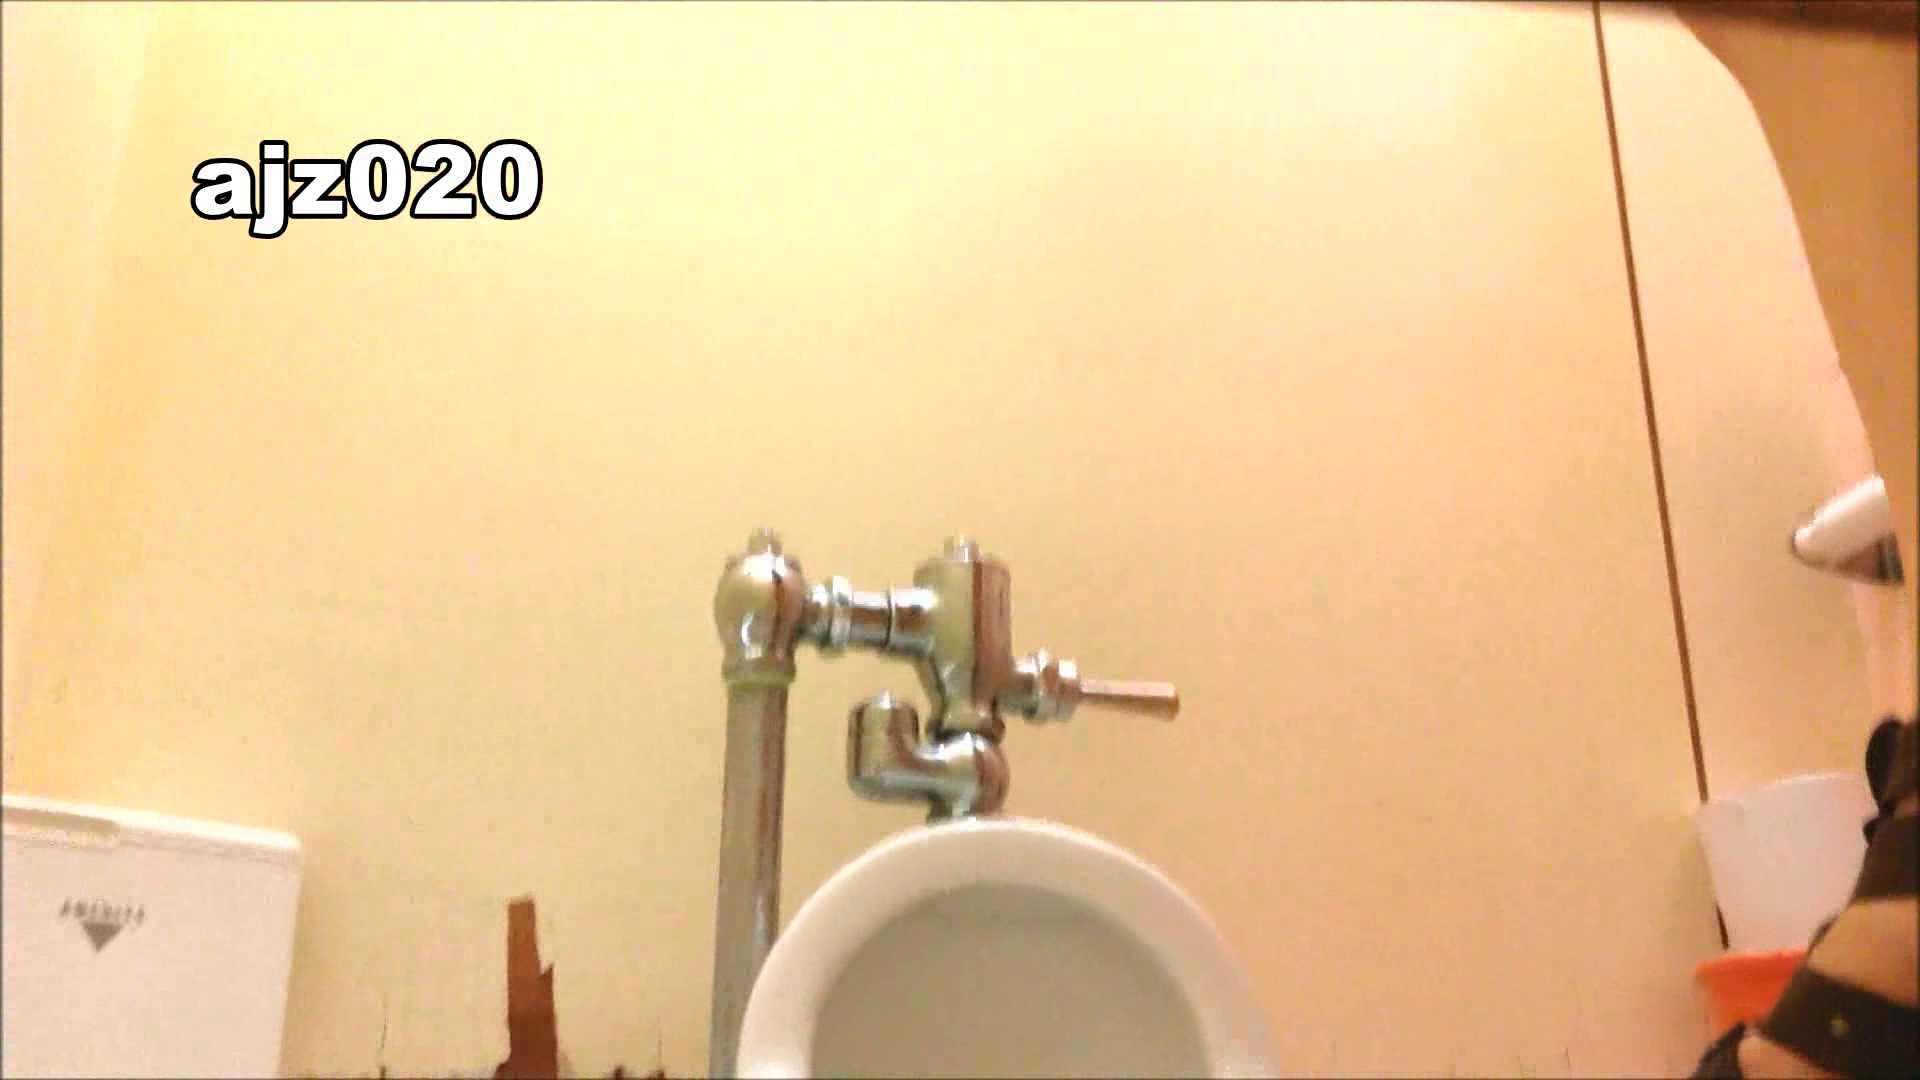 某有名大学女性洗面所 vol.20 洗面所  76PIX 16